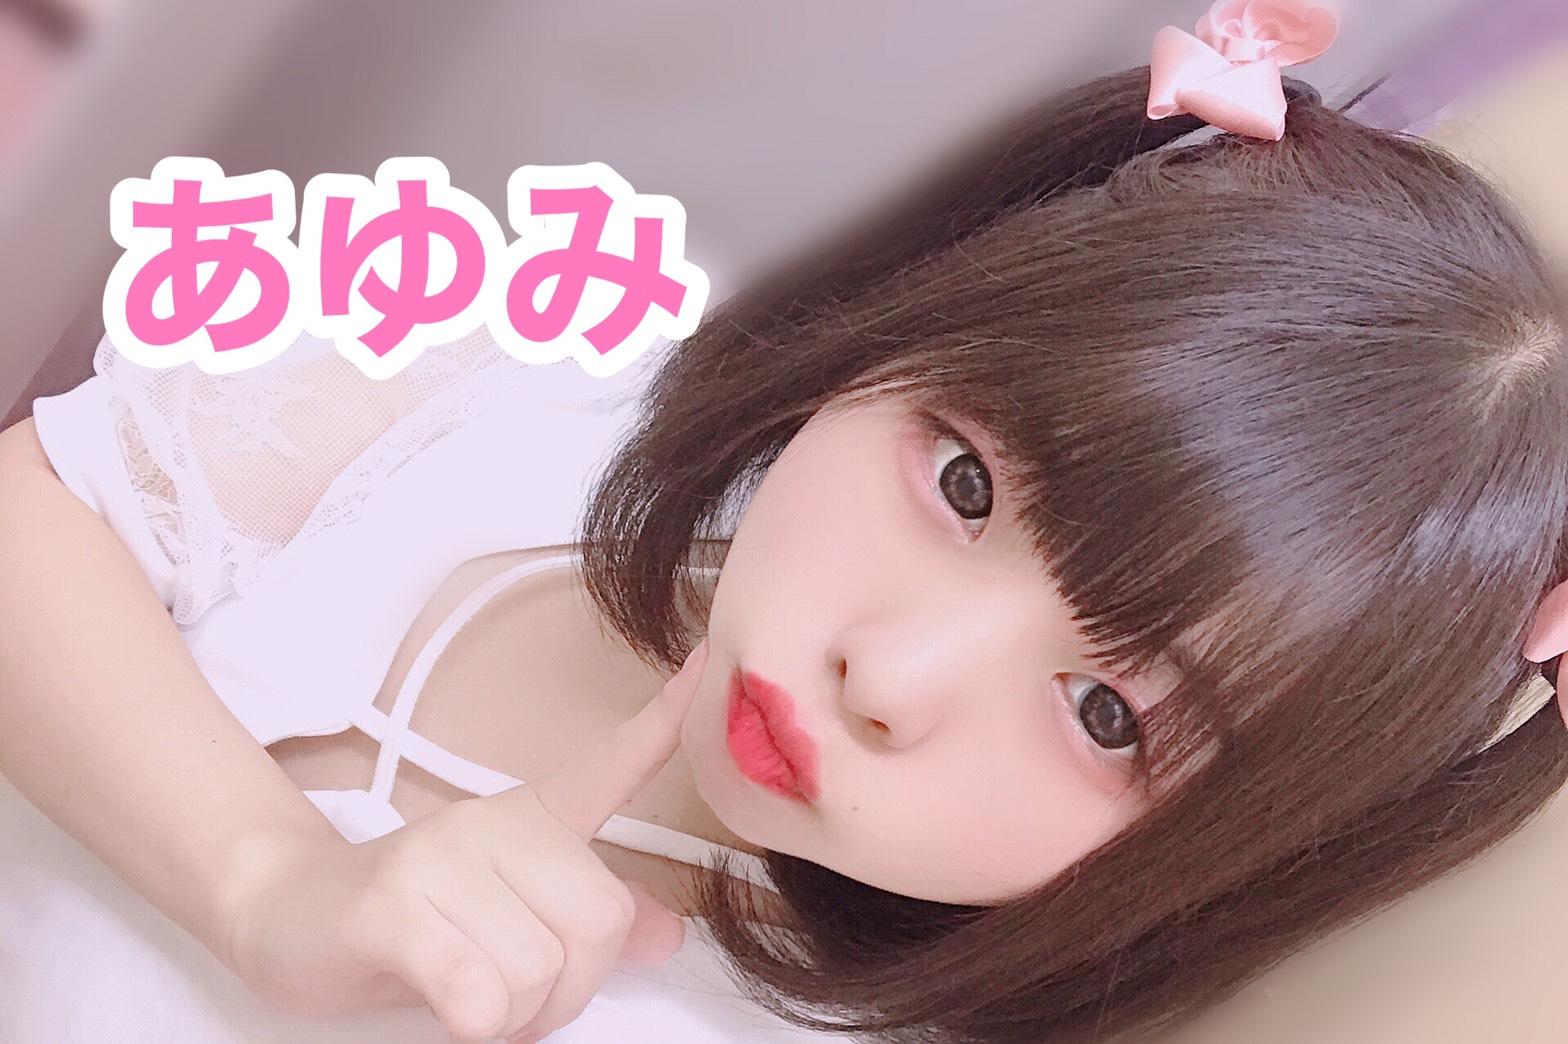 【MONSTER & VASH】IDOL PARADISE Vol.418 @高松MONSTER